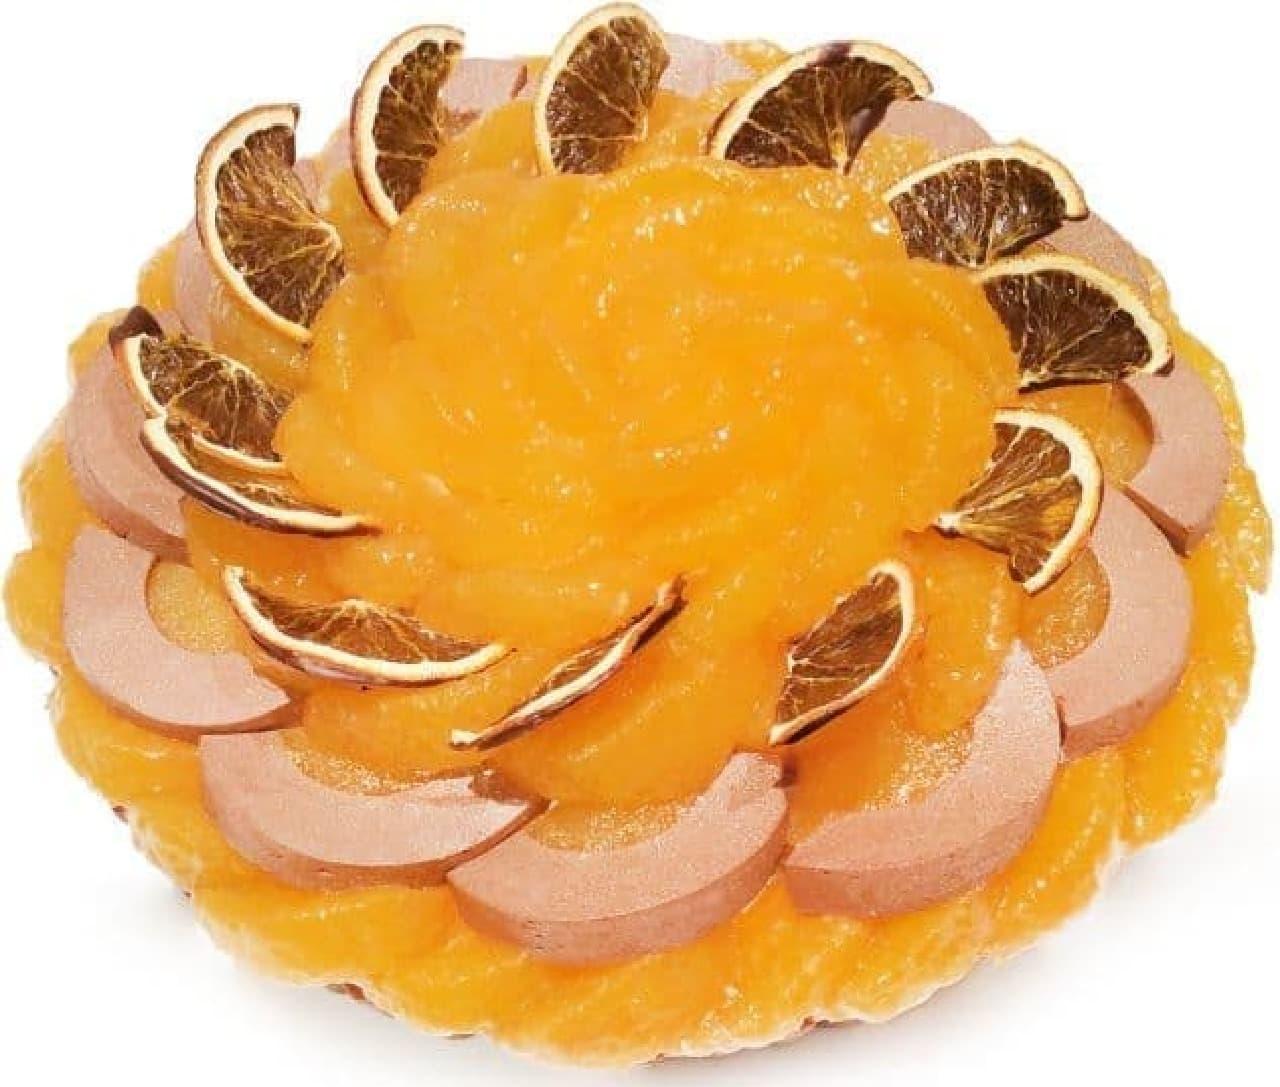 カフェコムサ「愛媛県 宇和島 西谷農園産「清見オレンジ」とチョコレートムースのケーキ」